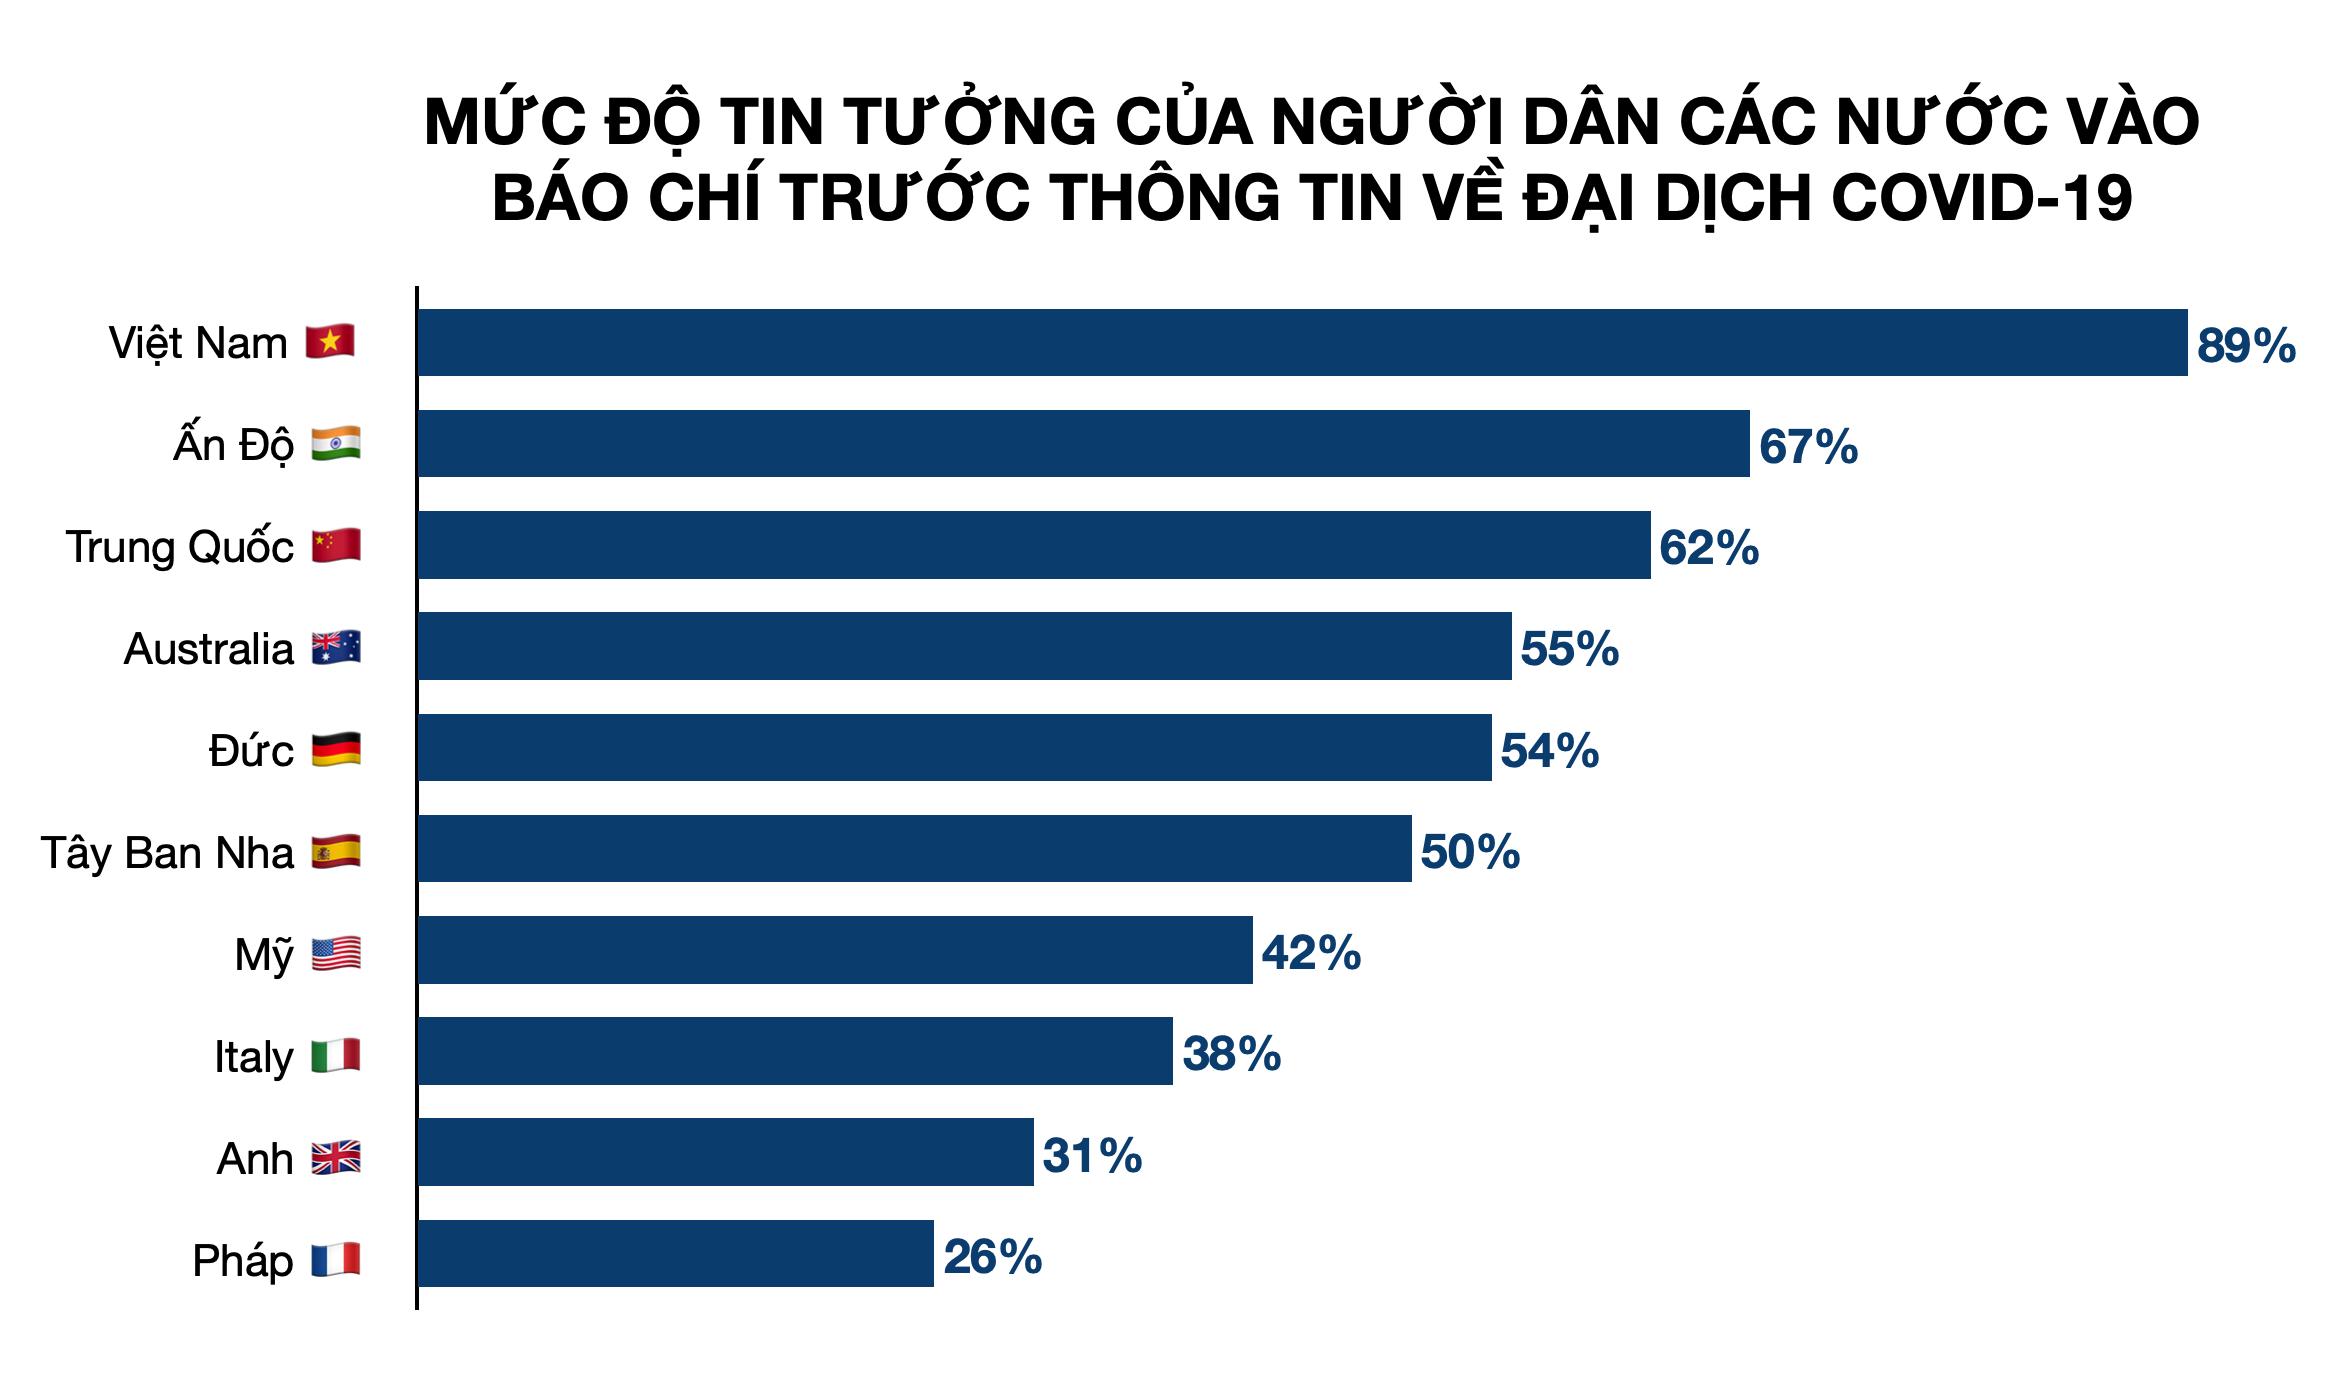 Forbes: 90% người dân Việt Nam tin vào báo chí trong đại dịch Covid-19 - Ảnh 1.